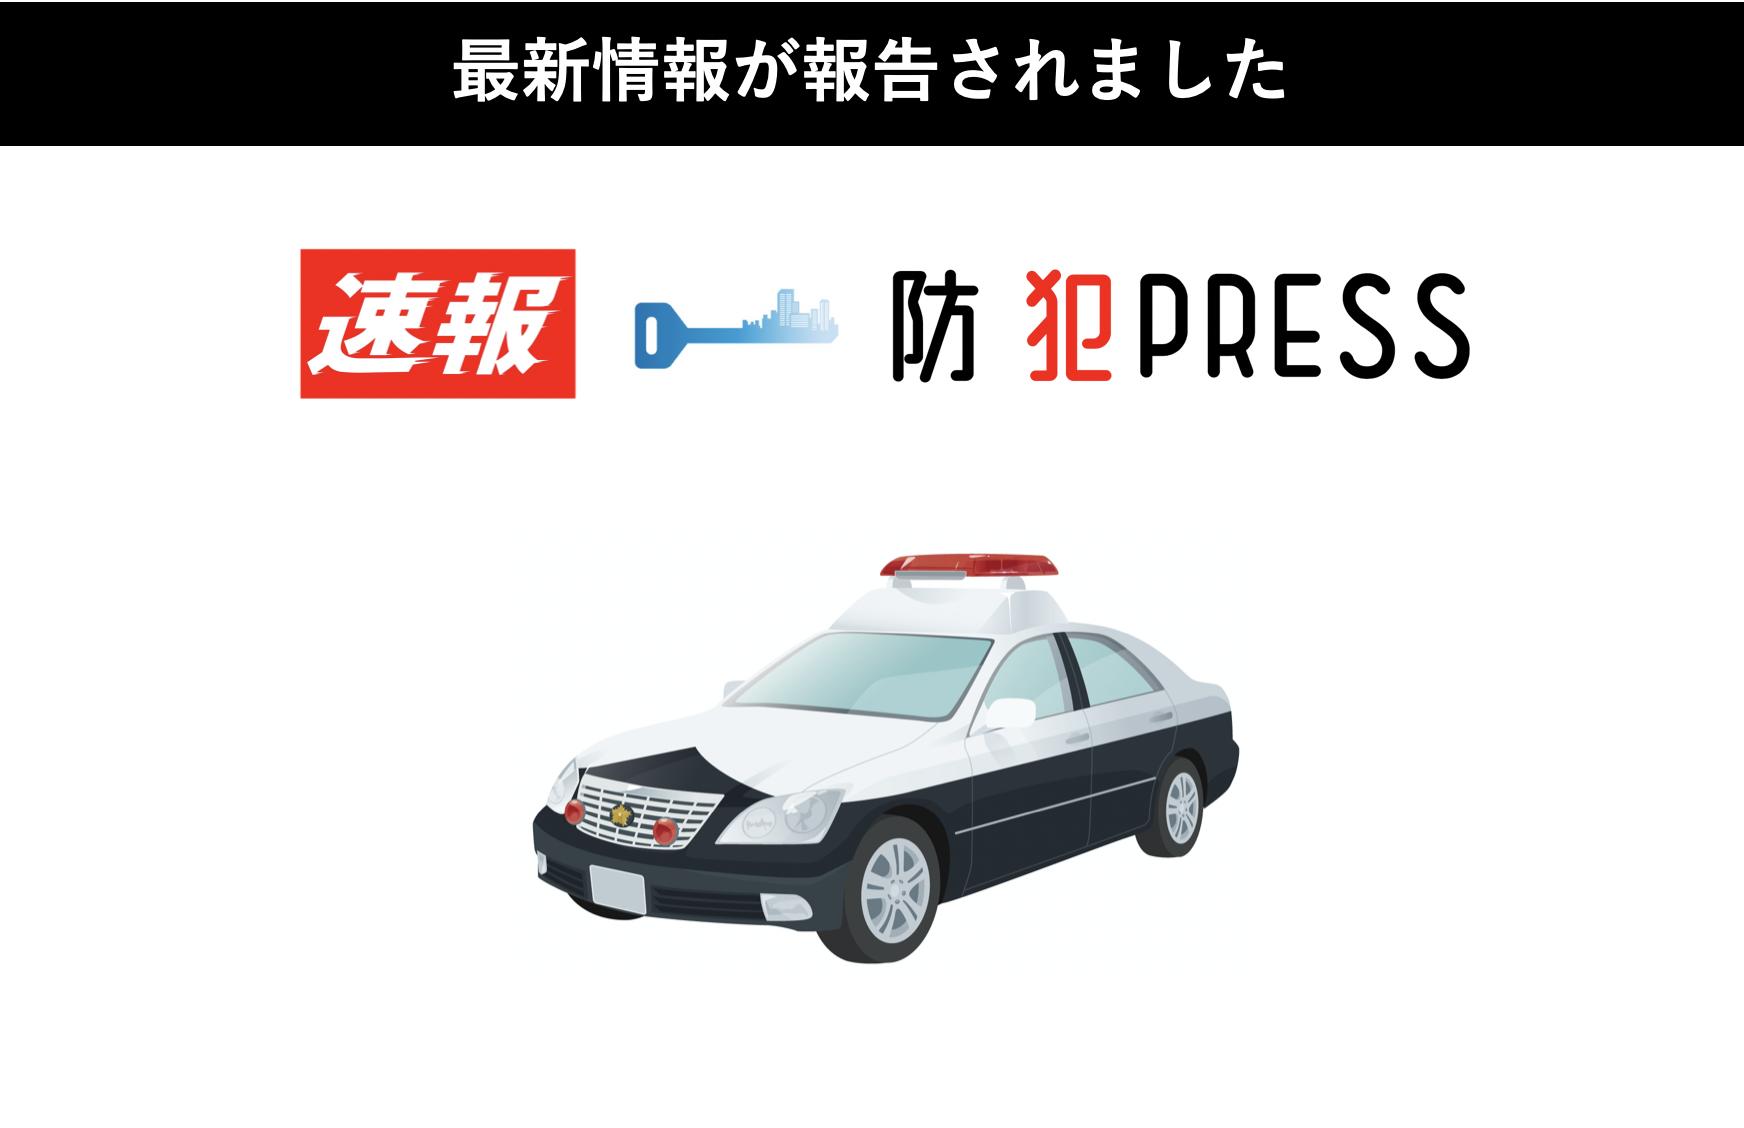 アポ電入電中(東京湾岸警察署)